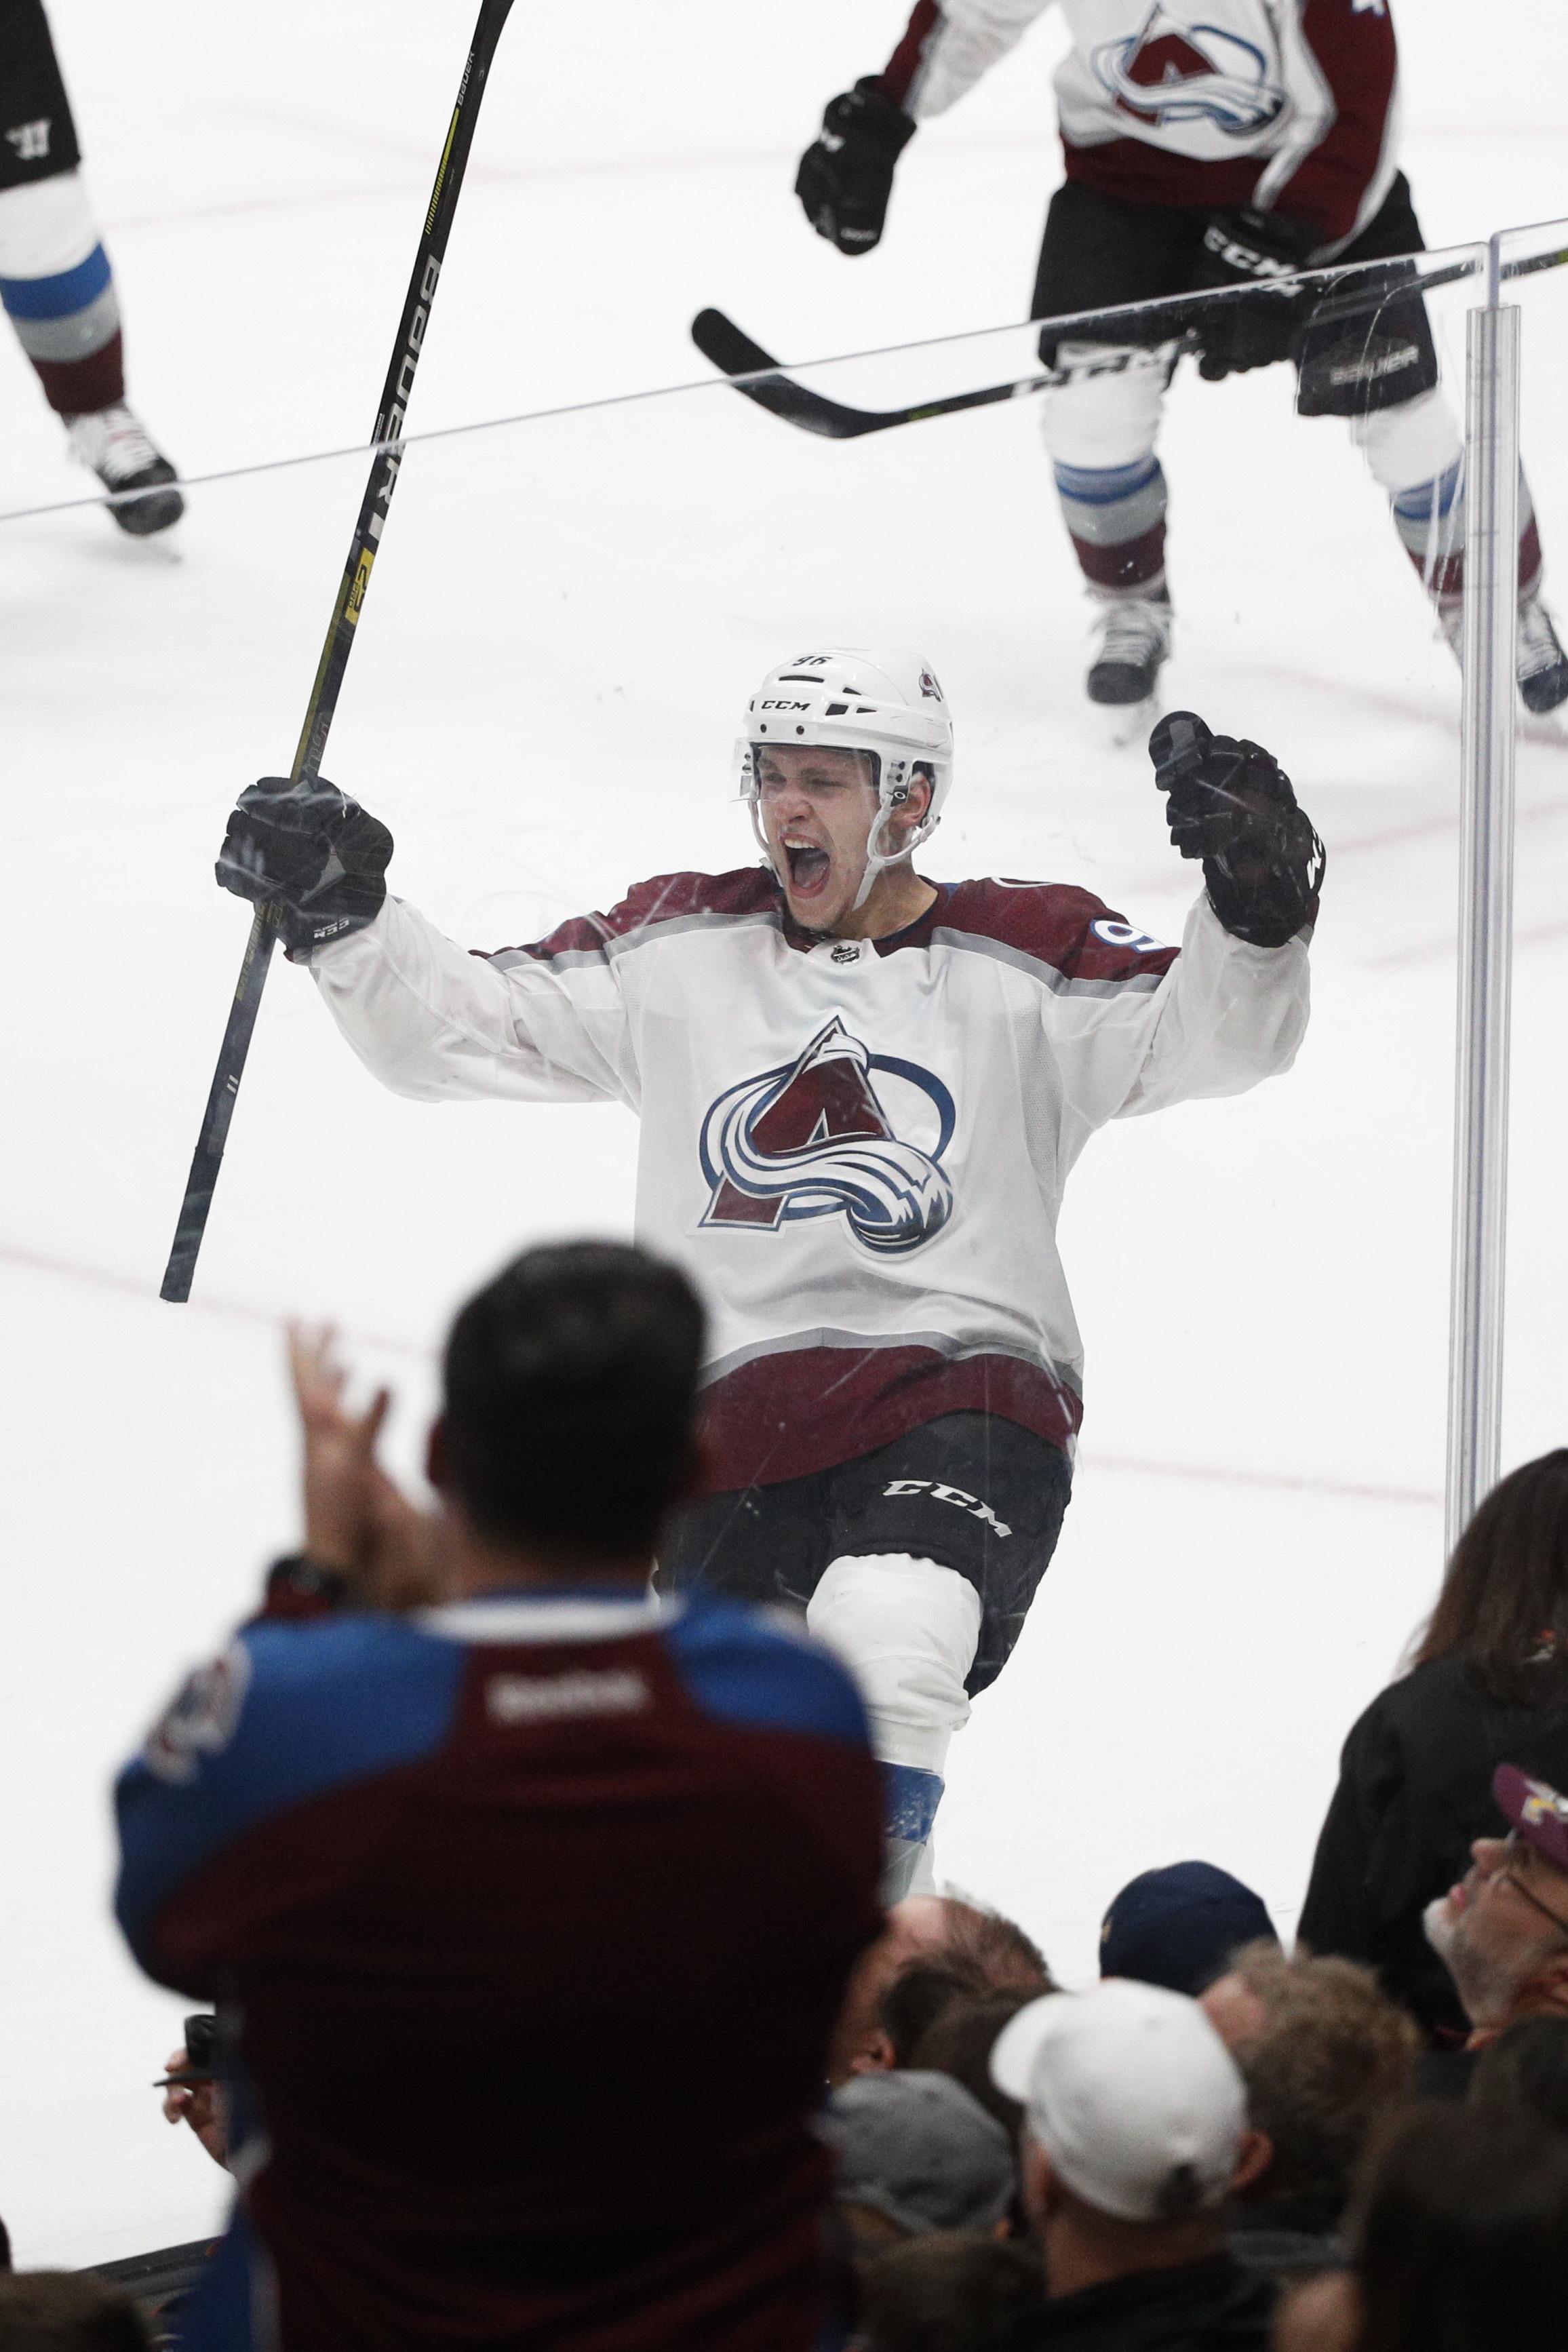 Avs forward Mikko Rantanen fined by NHL for embellishment